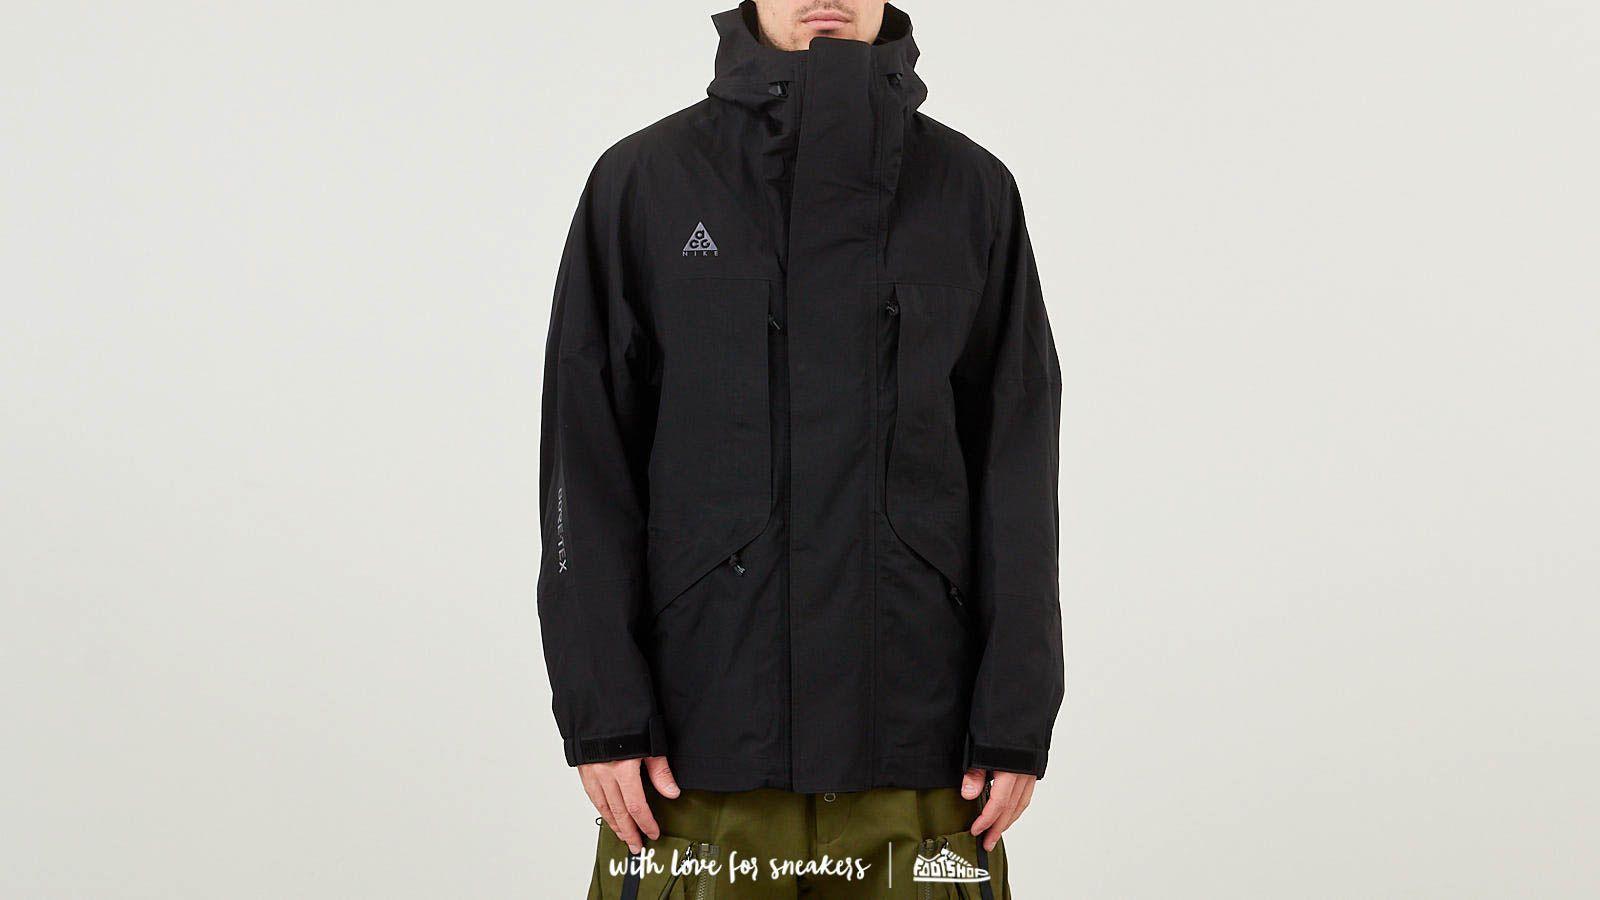 Coach Jackets Nike ACG Goretex Jacket NRG Black